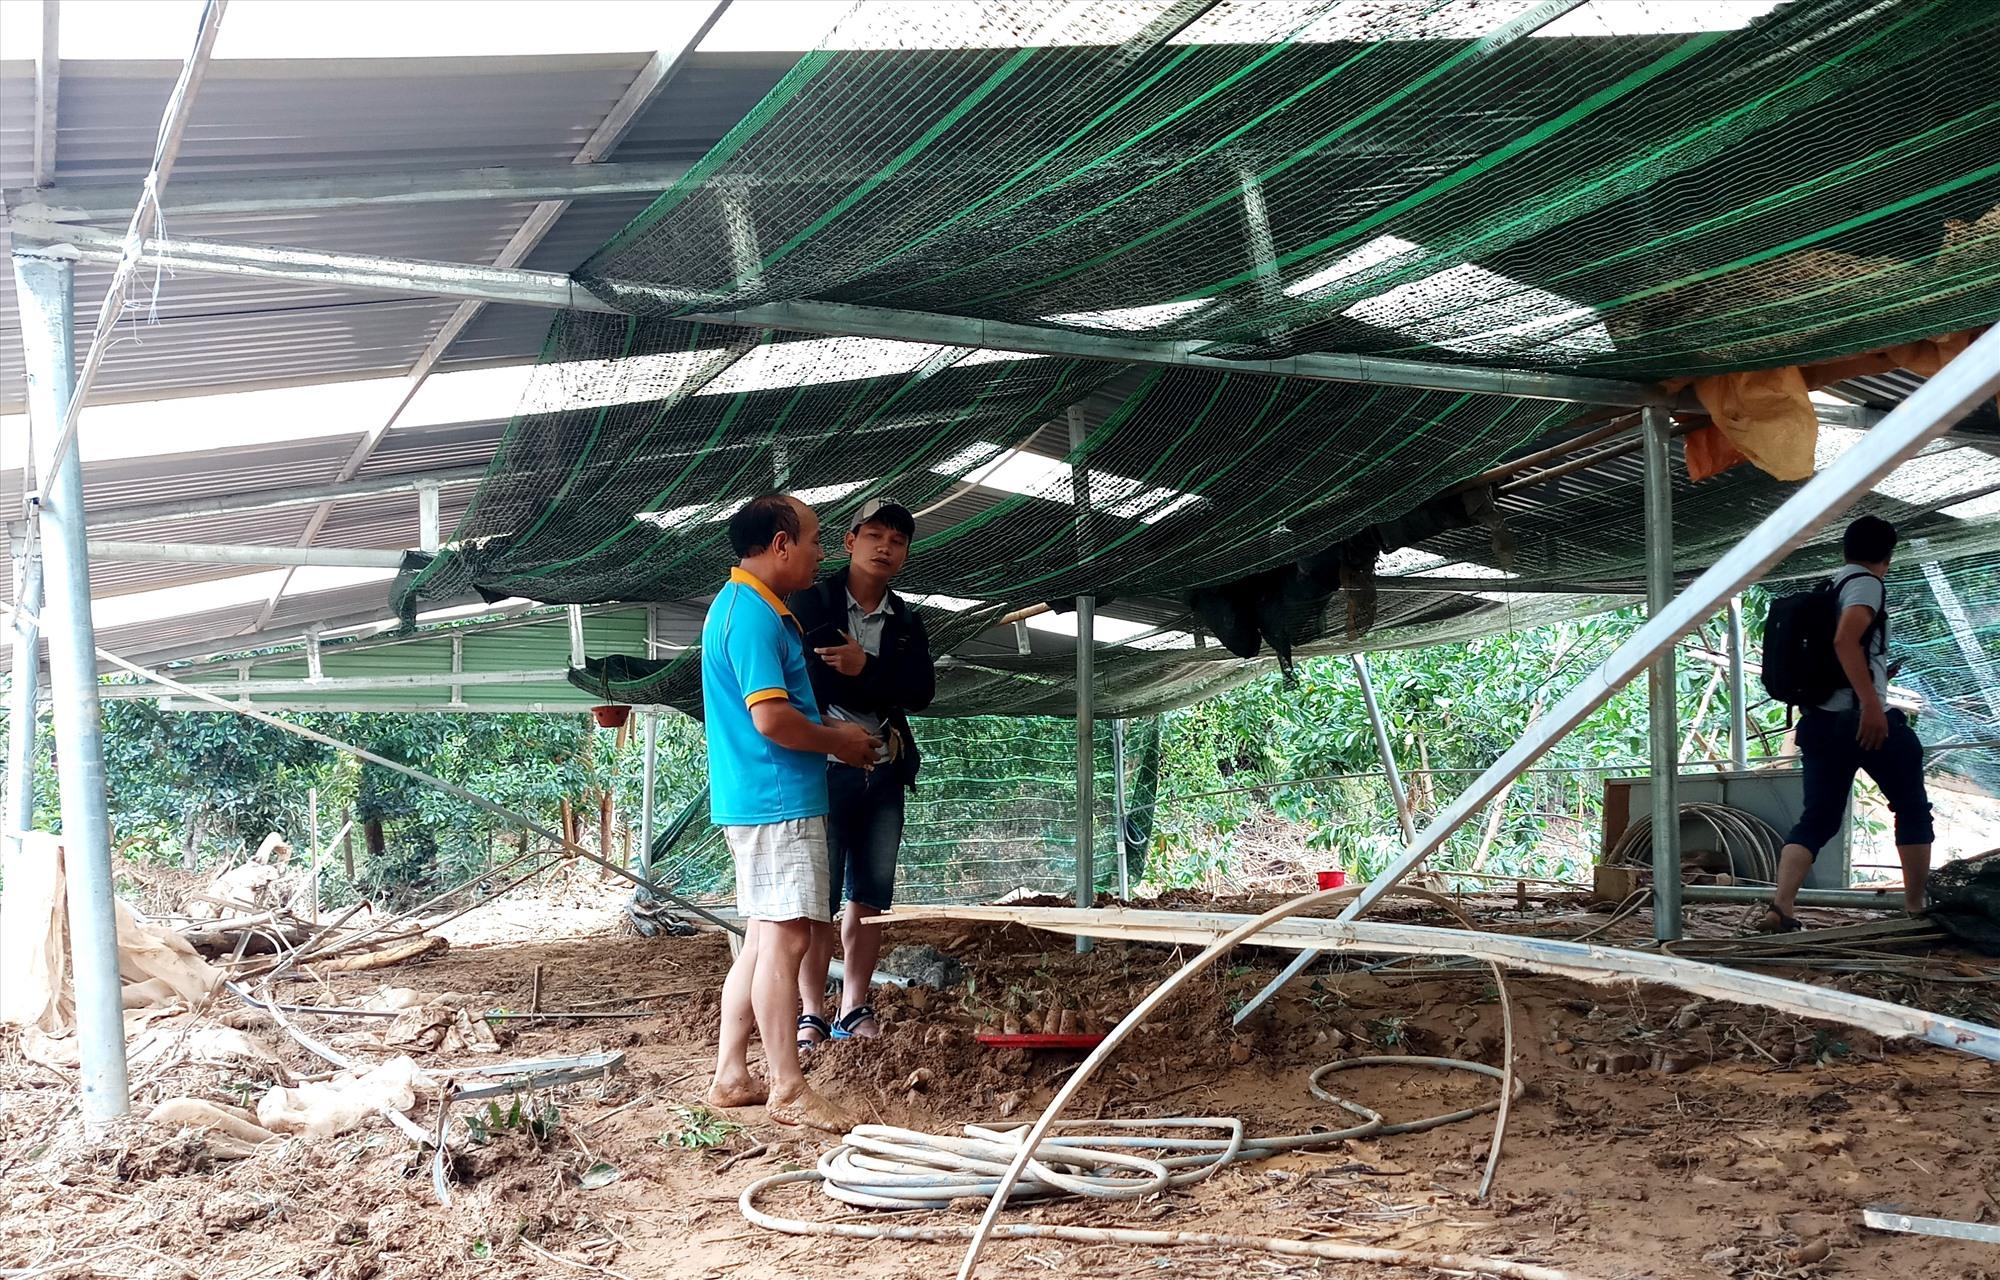 Trang trại chuyên ươm cây giống ở xã A Tiêng bị lũ tràn, gây thiệt hại gần 1 tỷ đồng. Ảnh: A.N